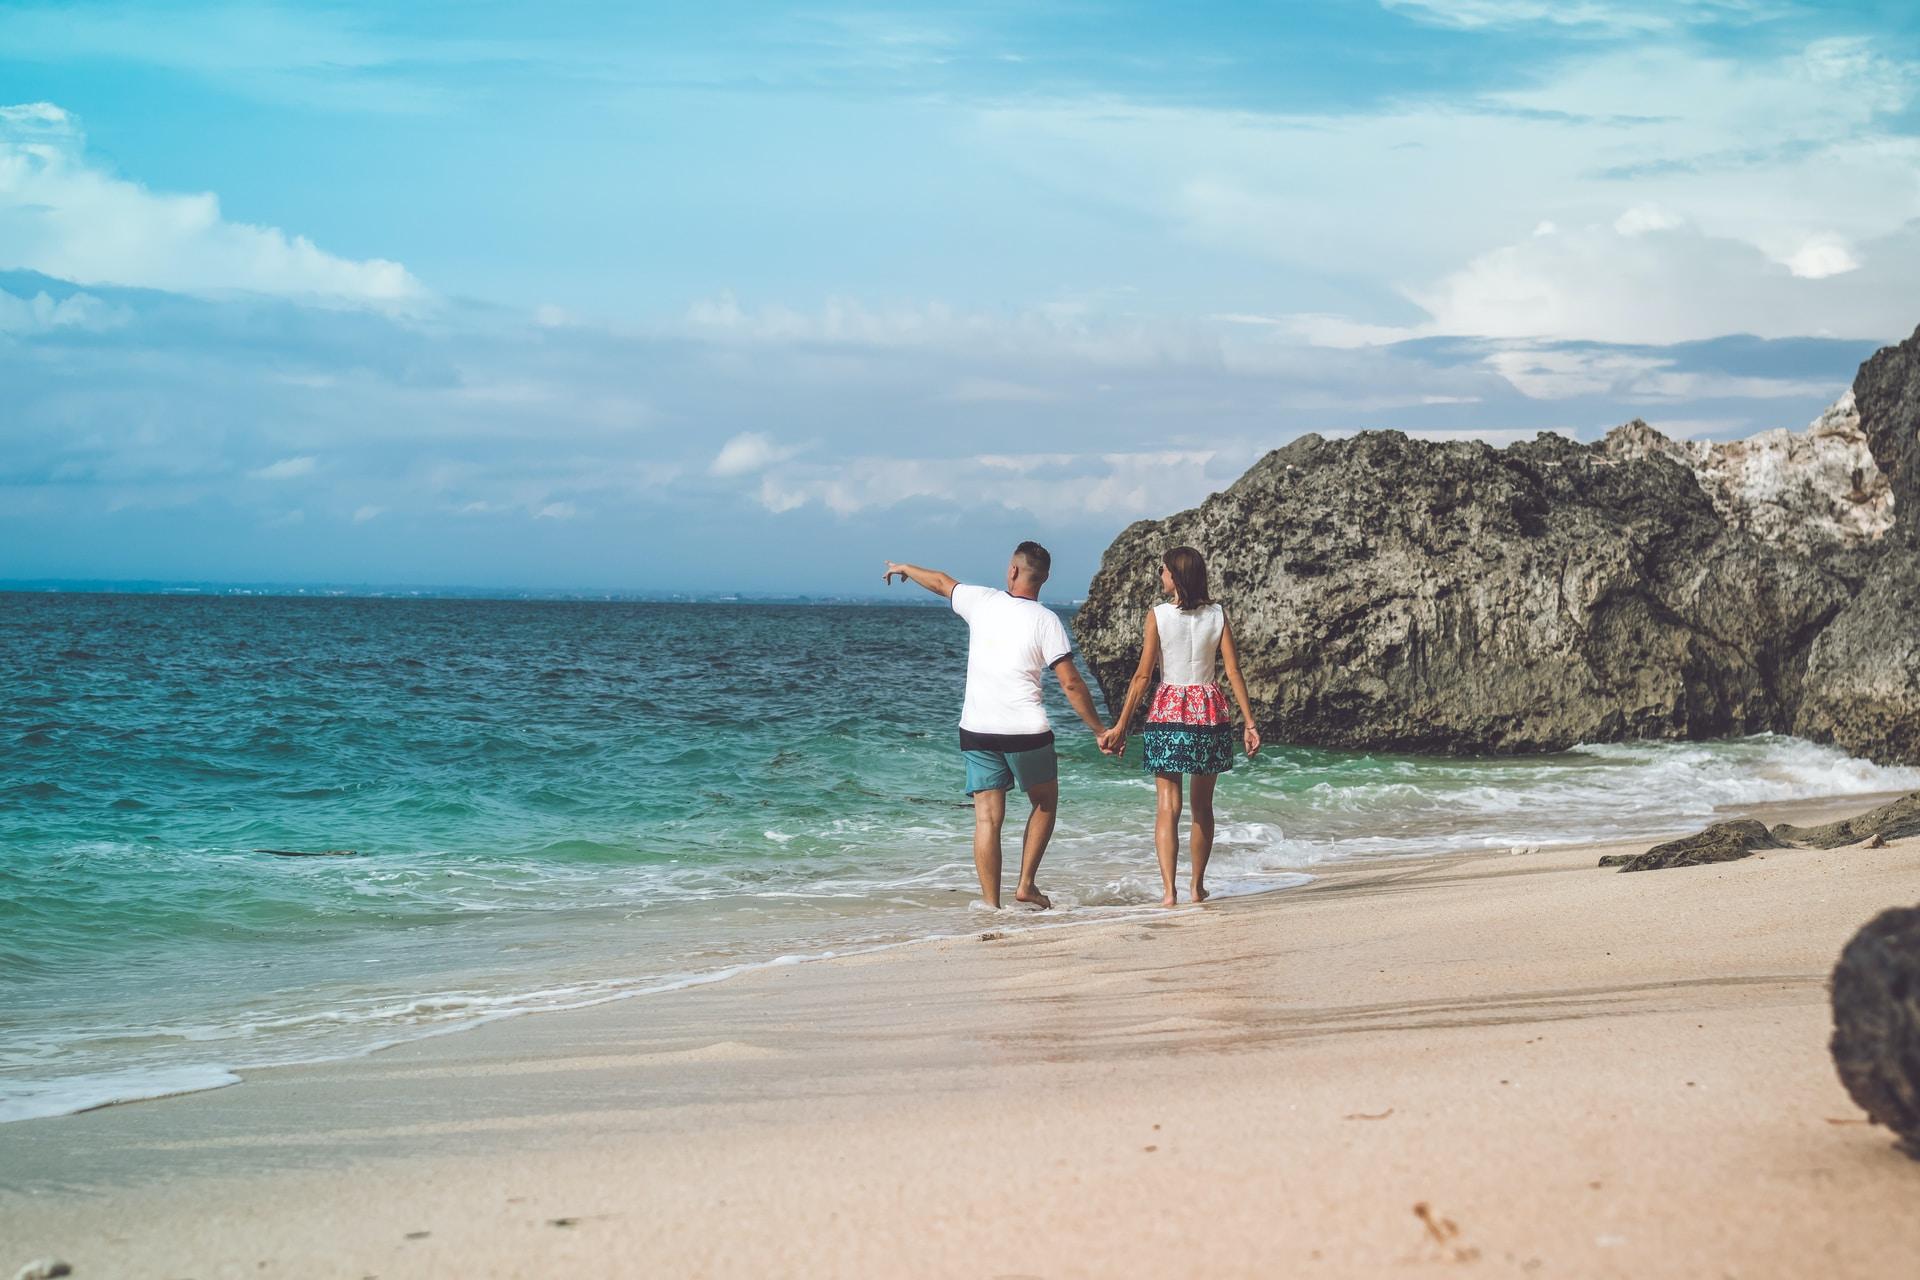 Διακοπές με τον καλό σας το καλοκαίρι